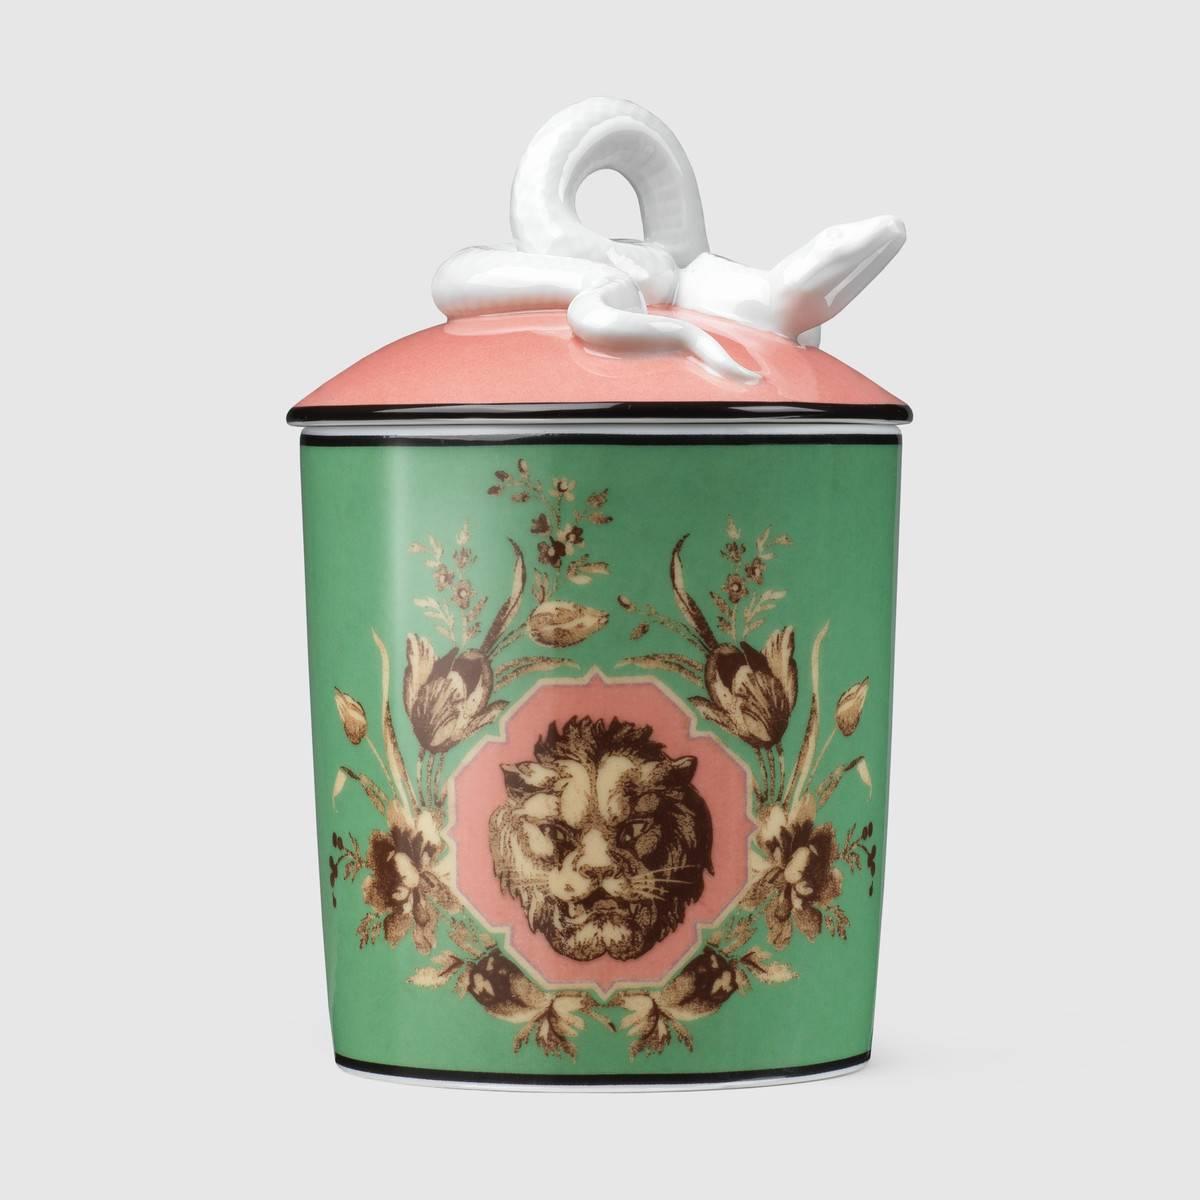 527775_ZAP72_3161_001_100_0000_Light-Herbosum-XL-Grotesque-Garden-candle